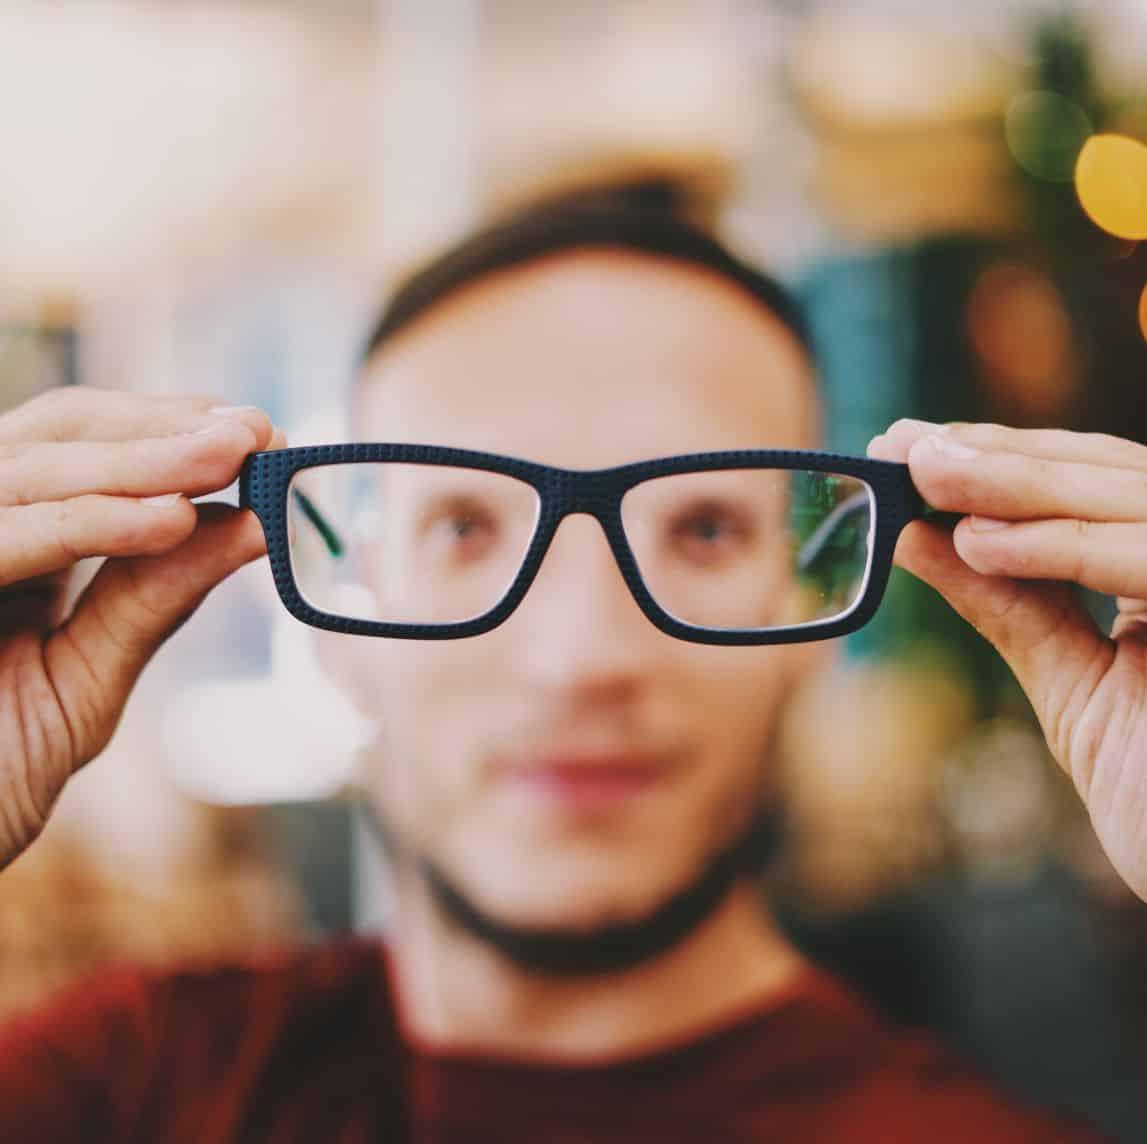 Mężczyzna trzymający okulary